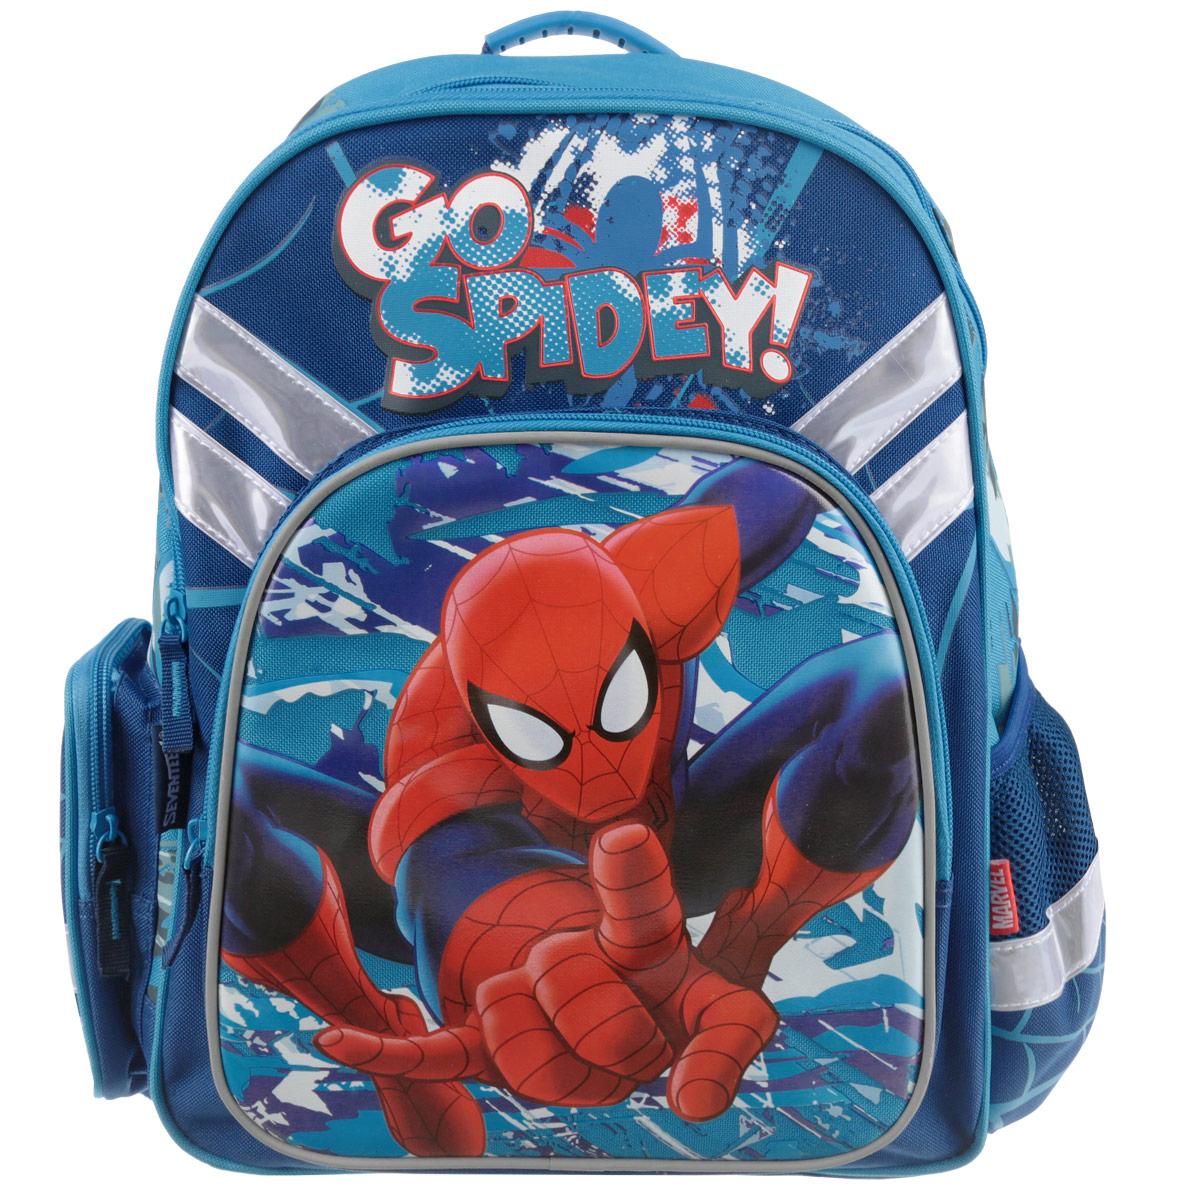 Набор школьника Spider-man Classic. SMCS-UT1-51BOXSMCS-UT1-51BOXВашему вниманию предлагается все самое необходимое для школьника в одном наборе. Состав: рюкзак, пенал, фартук, сумка-рюкзак для обуви, кошелек, выполненные в одном стиле. Школьный ранец выполнен из износоустойчивых материалов с водонепроницаемой основой, декорирован аппликацией и рисунками в тематике Человека-Паука.Ранец имеет два основных отделения, закрывающиеся на молнию. Внутри главного отделения расположены два разделителя, для тетрадей и учебников. На лицевой стороне ранца расположен накладной карман на молнии. По бокам ранца размещены два дополнительных накладных кармана, один открытый на резинке и один на застежке-молнии. Ортопедическая спинка, созданная по специальной технологии из дышащего материала, равномерно распределяет нагрузку на плечевые суставы и спину. Удлиненные держатели облегчают фиксацию длины ремней с мягкими подкладками. Ранец оснащен удобной ручкой для переноски и двумя широкими лямками, регулируемой длины.Пенал мягкий с одним отделением на молнии. Размер пенала: 21 х 10 х 6. Сумка-рюкзак для обуви с одним отделением. Сумка выполнена из прочного водонепроницаемого полиэстера и содержит одно вместительное отделение, затягивающееся с помощью текстильных шнурков. Шнурки фиксируются в нижней части сумки, благодаря чему ее можно носить за спиной как рюкзак. Размер сумки: 41 х 34. Кошелек-портмоне на липучке с одним отделением для купюр и кармашком на молнии. Кошелек дополнен текстильным шнурком. Размеры кошелька в сложенном виде: 10 х 10 х 1,5. Фартук для уроков рисования выполнен из водонепроницаемого материала и имеет удобные текстильные завязки. Размер фартука: 50 х 44.